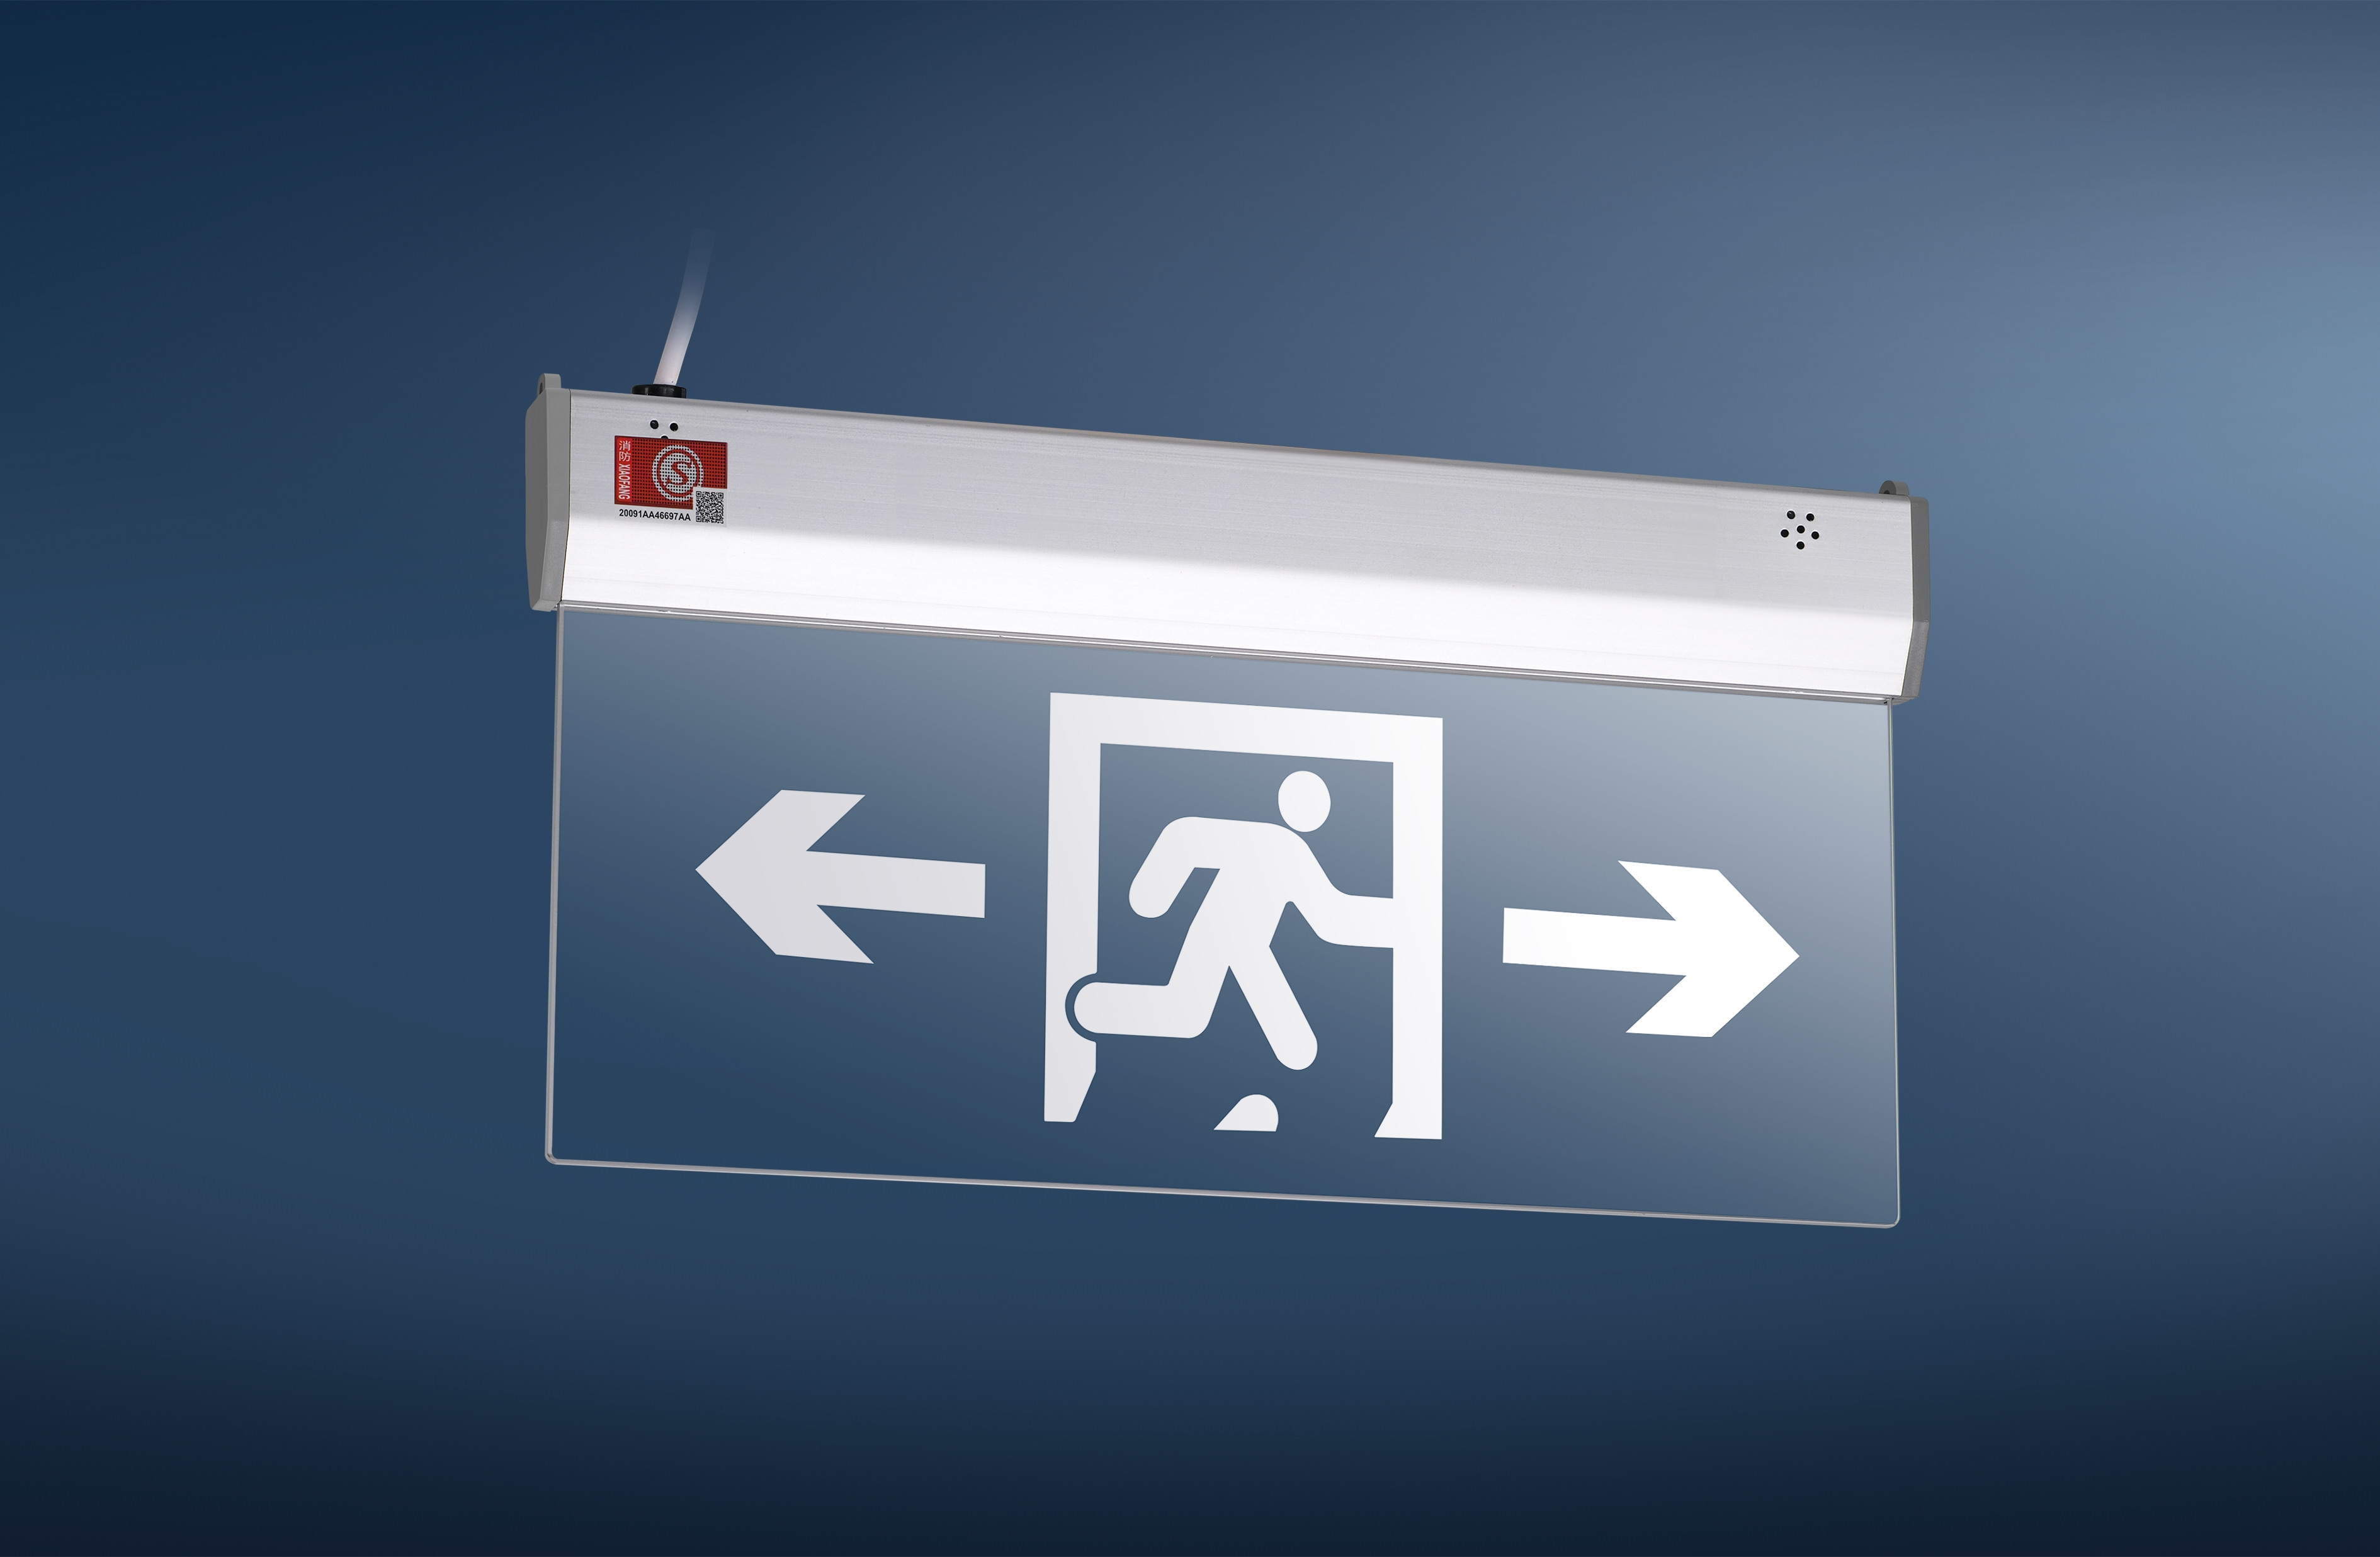 消防應急標志燈